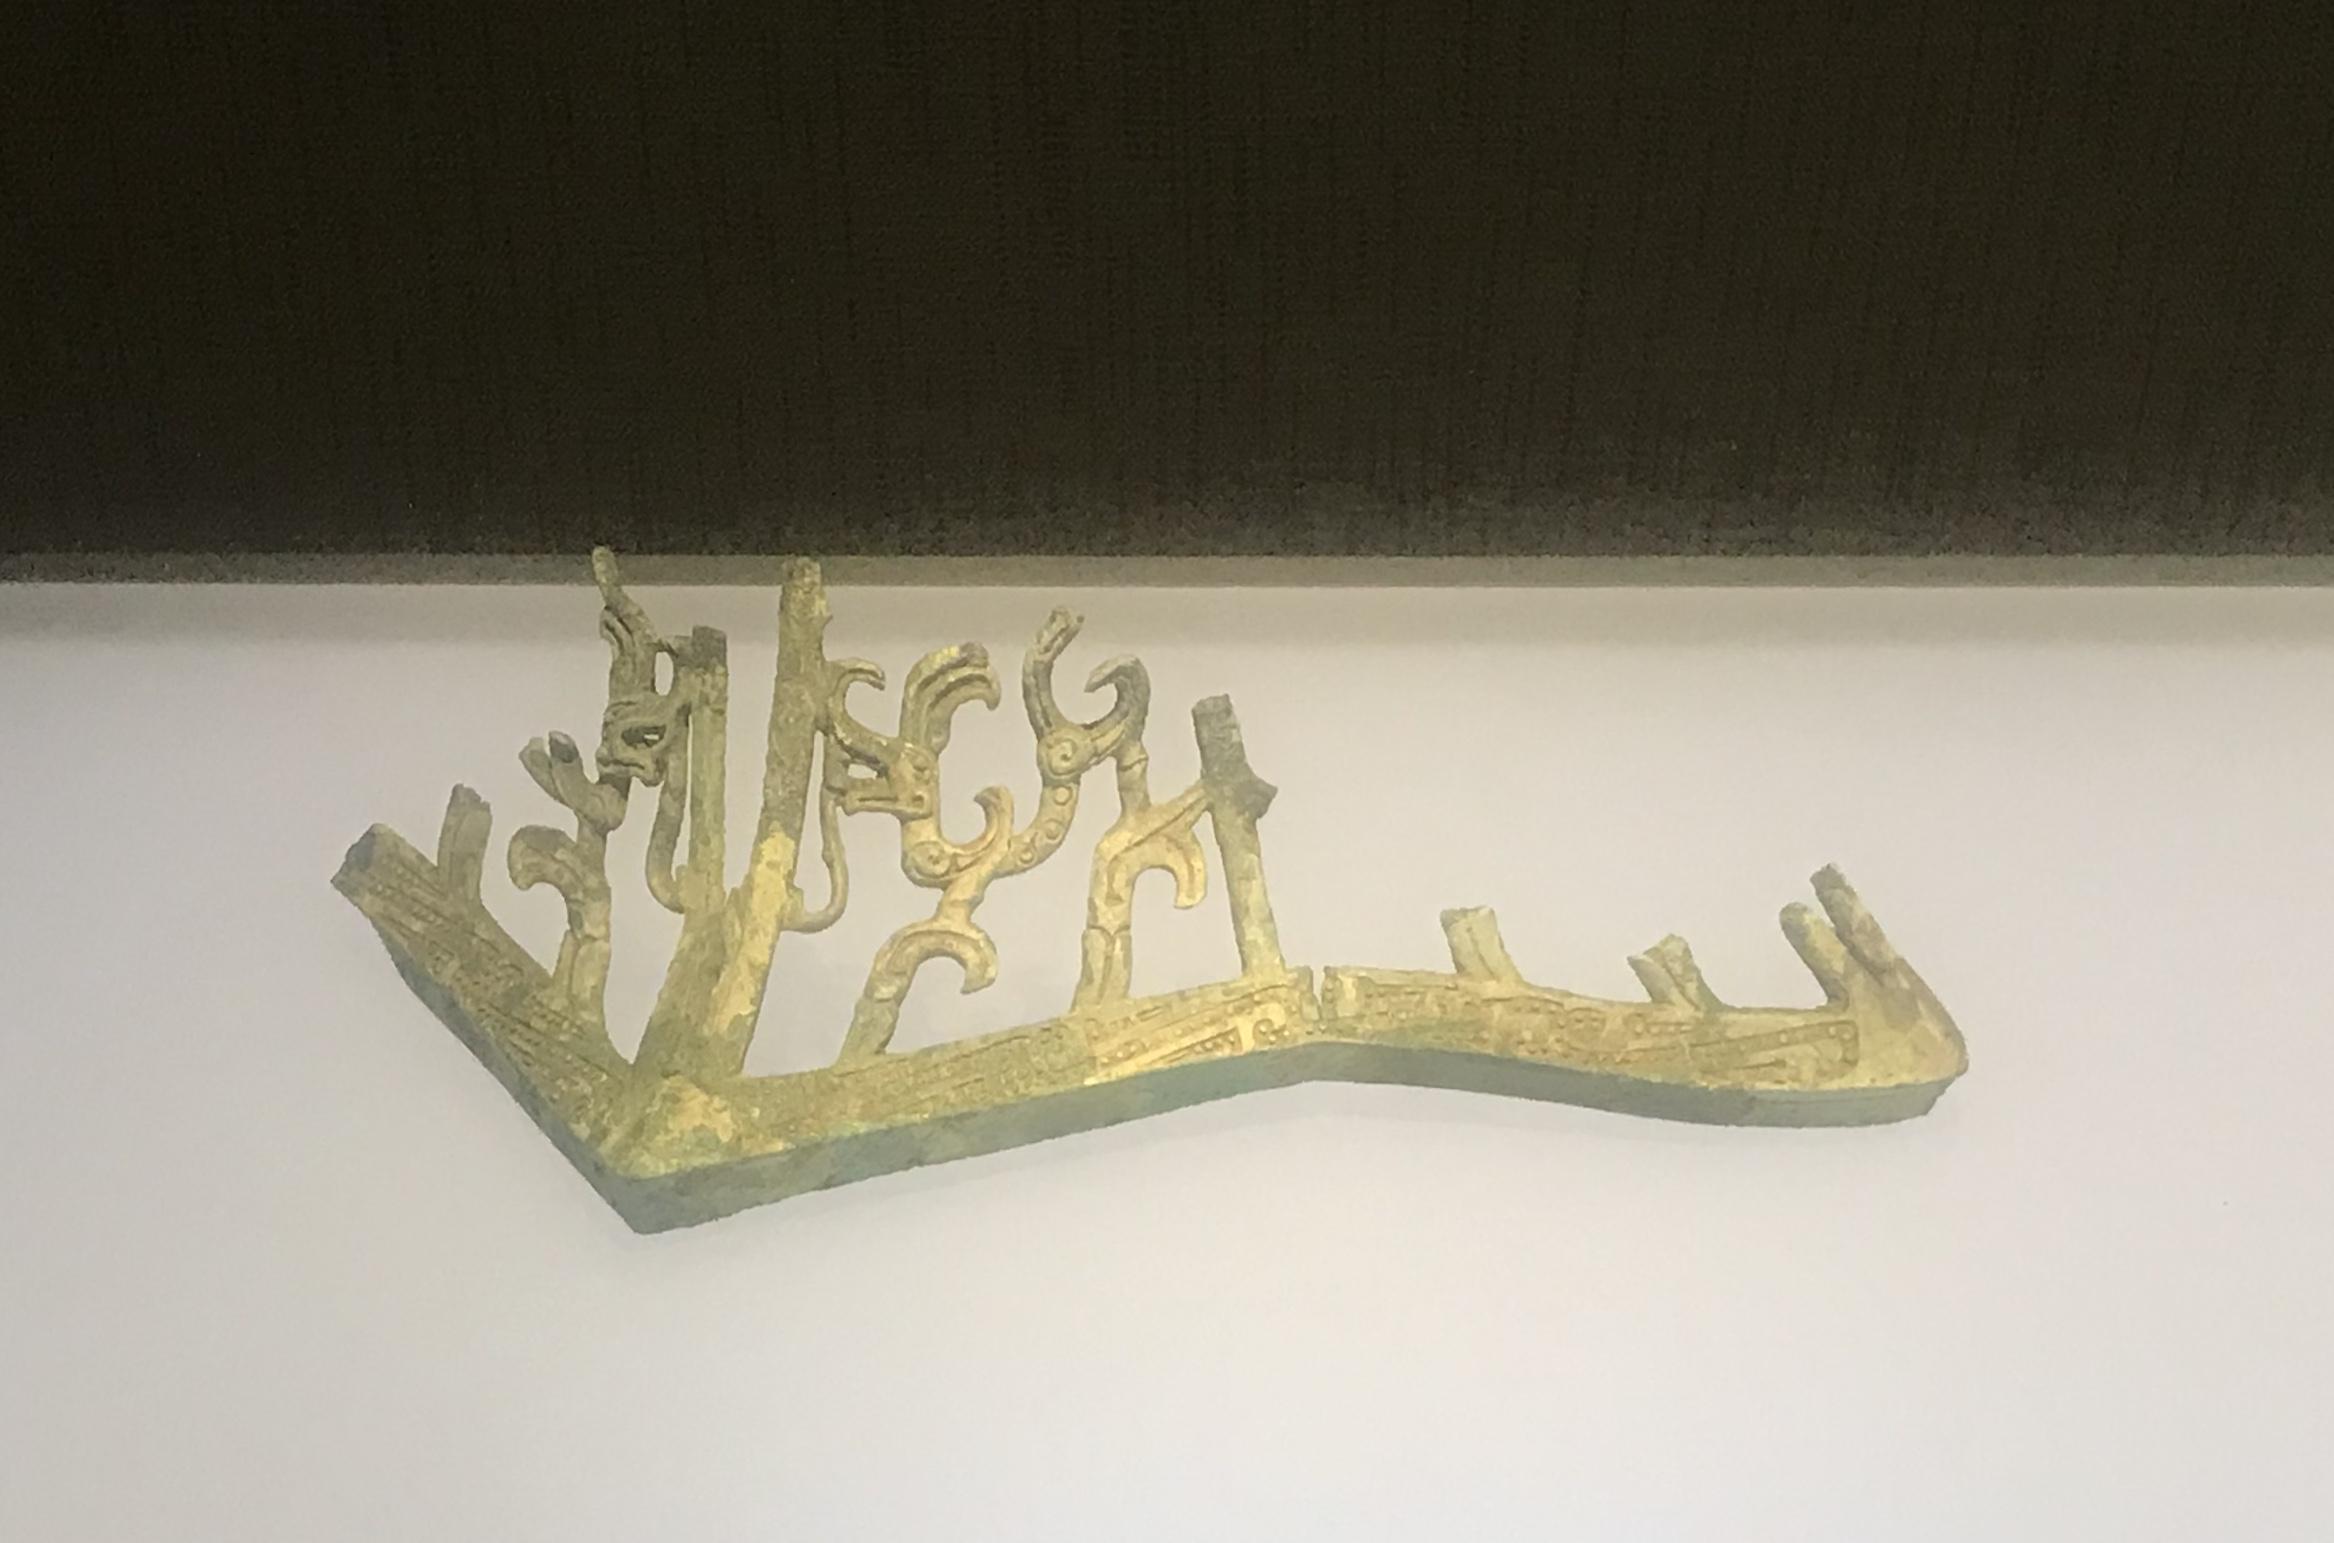 青銅神殿(残件)-青銅器館-三星堆博物館-広漢市-徳陽市-四川省